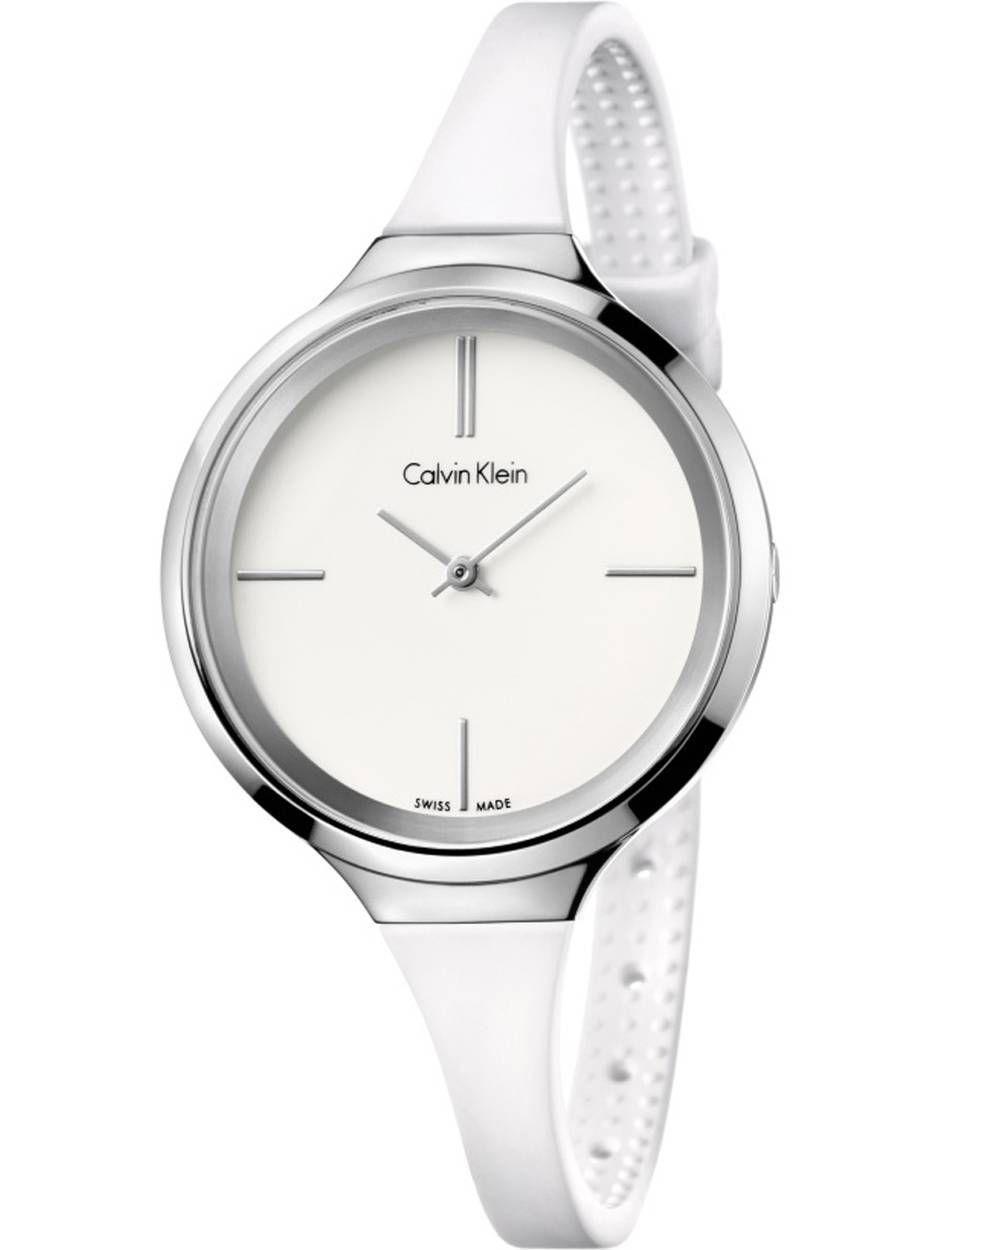 Μοντέρνο ωρολόι του οίκου Calvin Klein με ελβετικό μηχανισμό από ανοξείδωτο ατσάλι, λευκό καντράν και Καουτσούκ λουράκι.